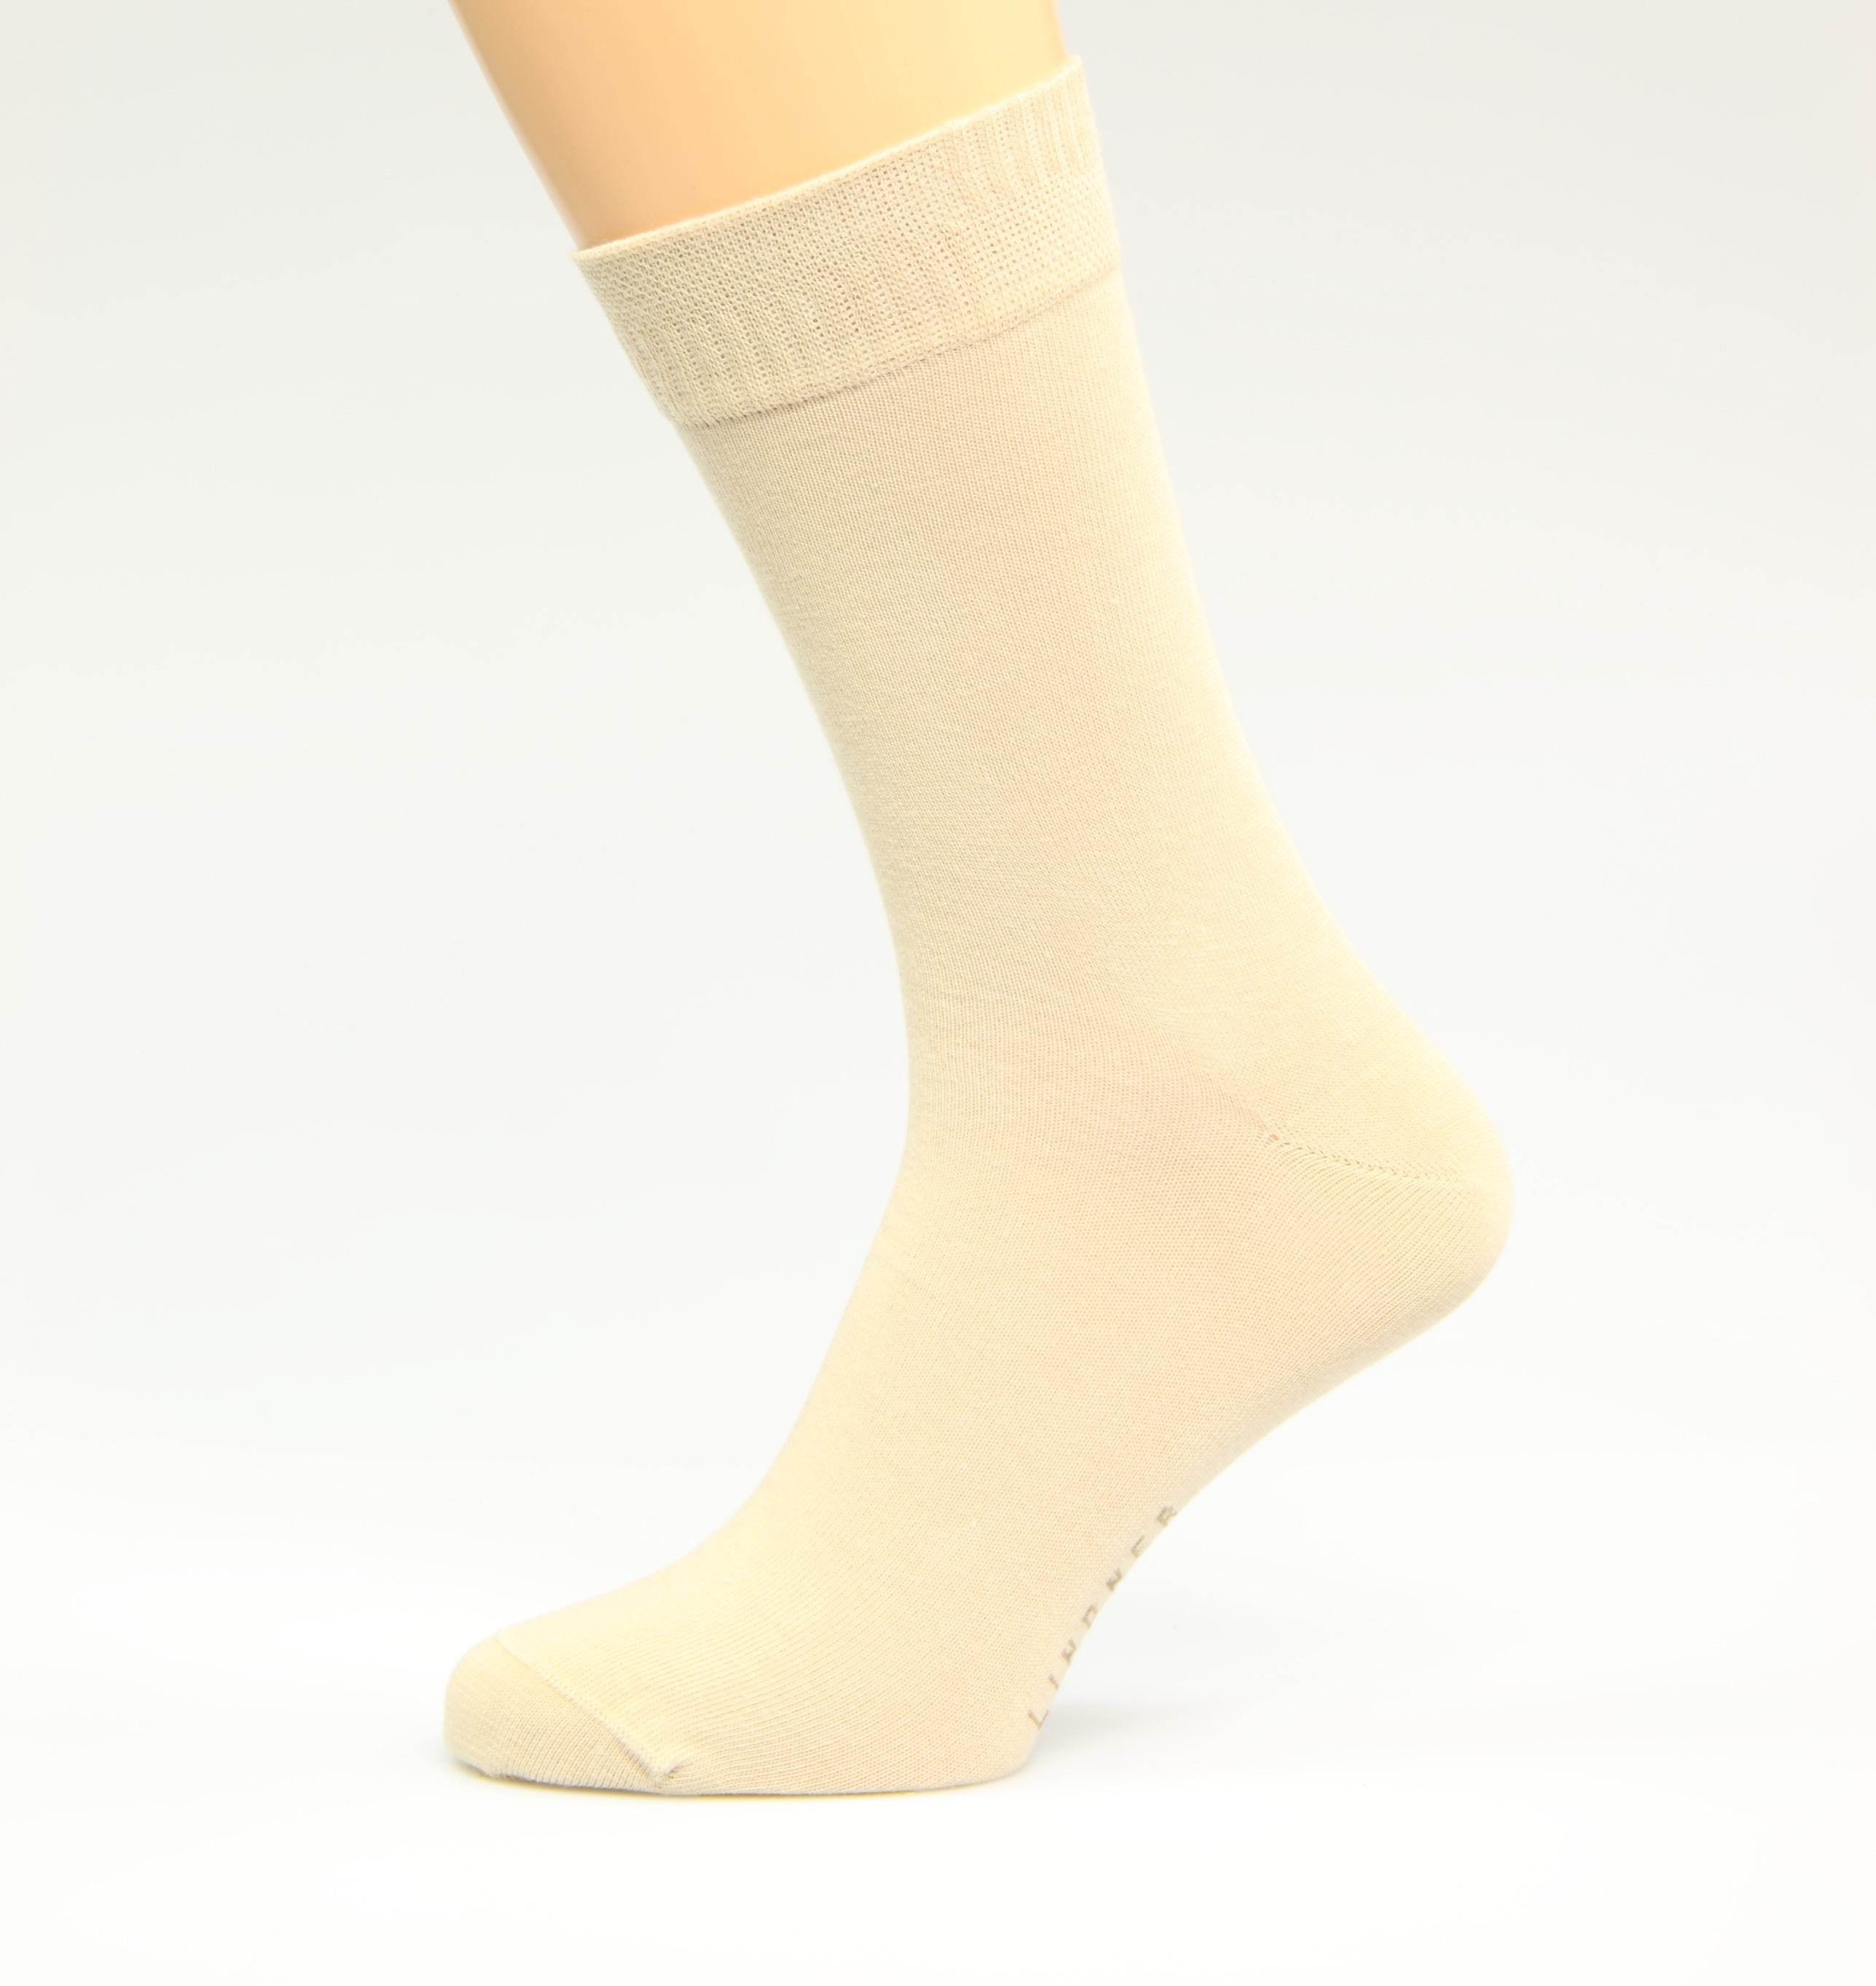 Diabetiker-Socken-beige-Gr-sse-39-41